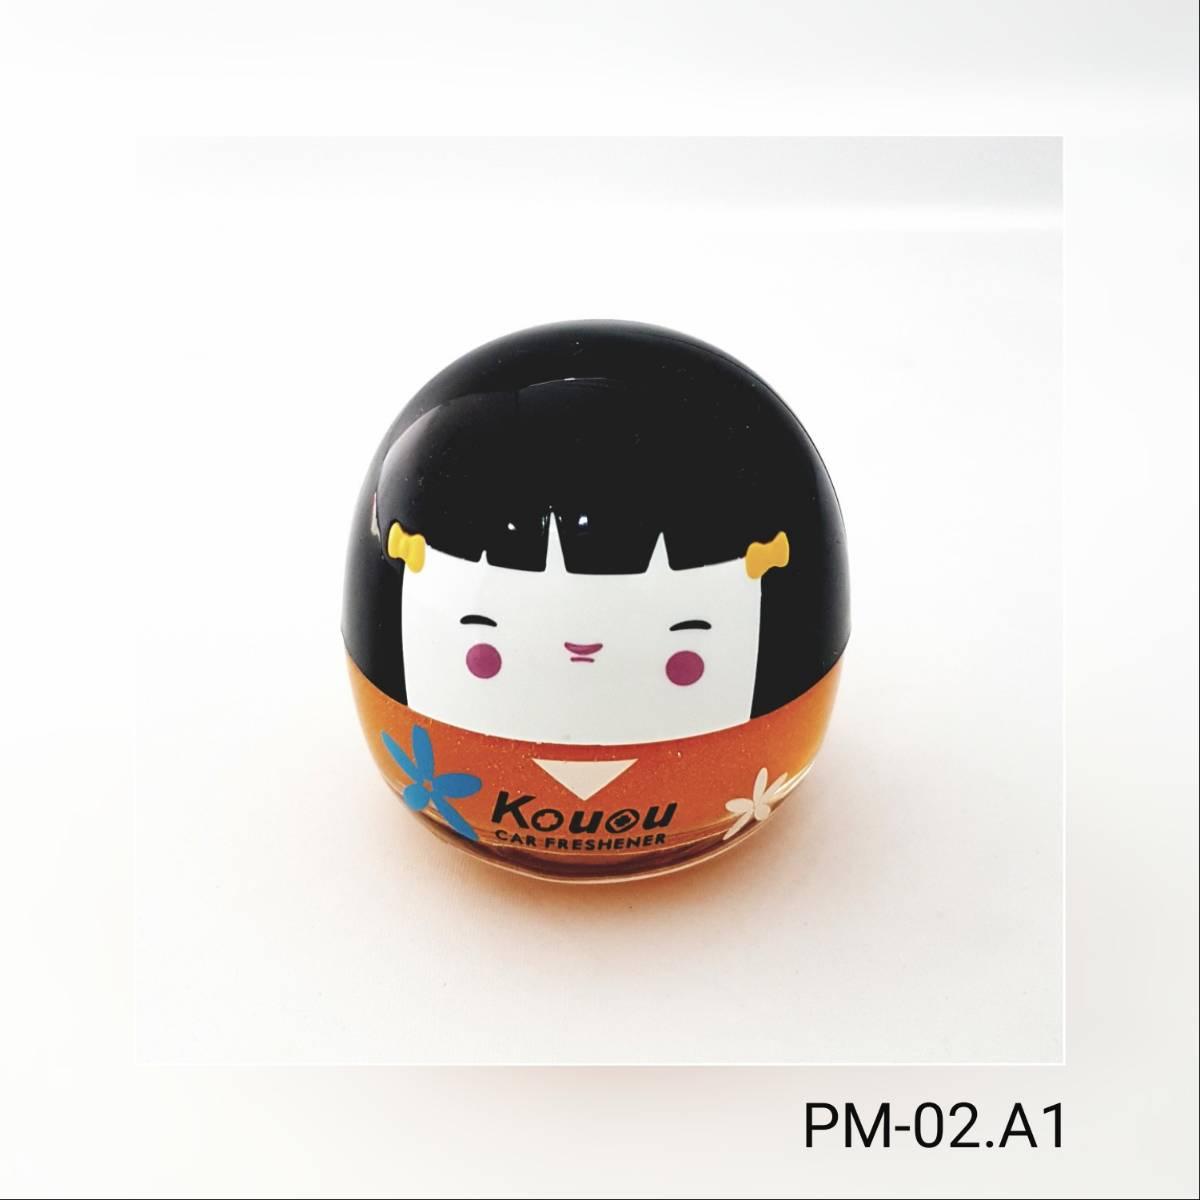 Parfum Mobil Boneka Jepang Kouou Pm-002/a1